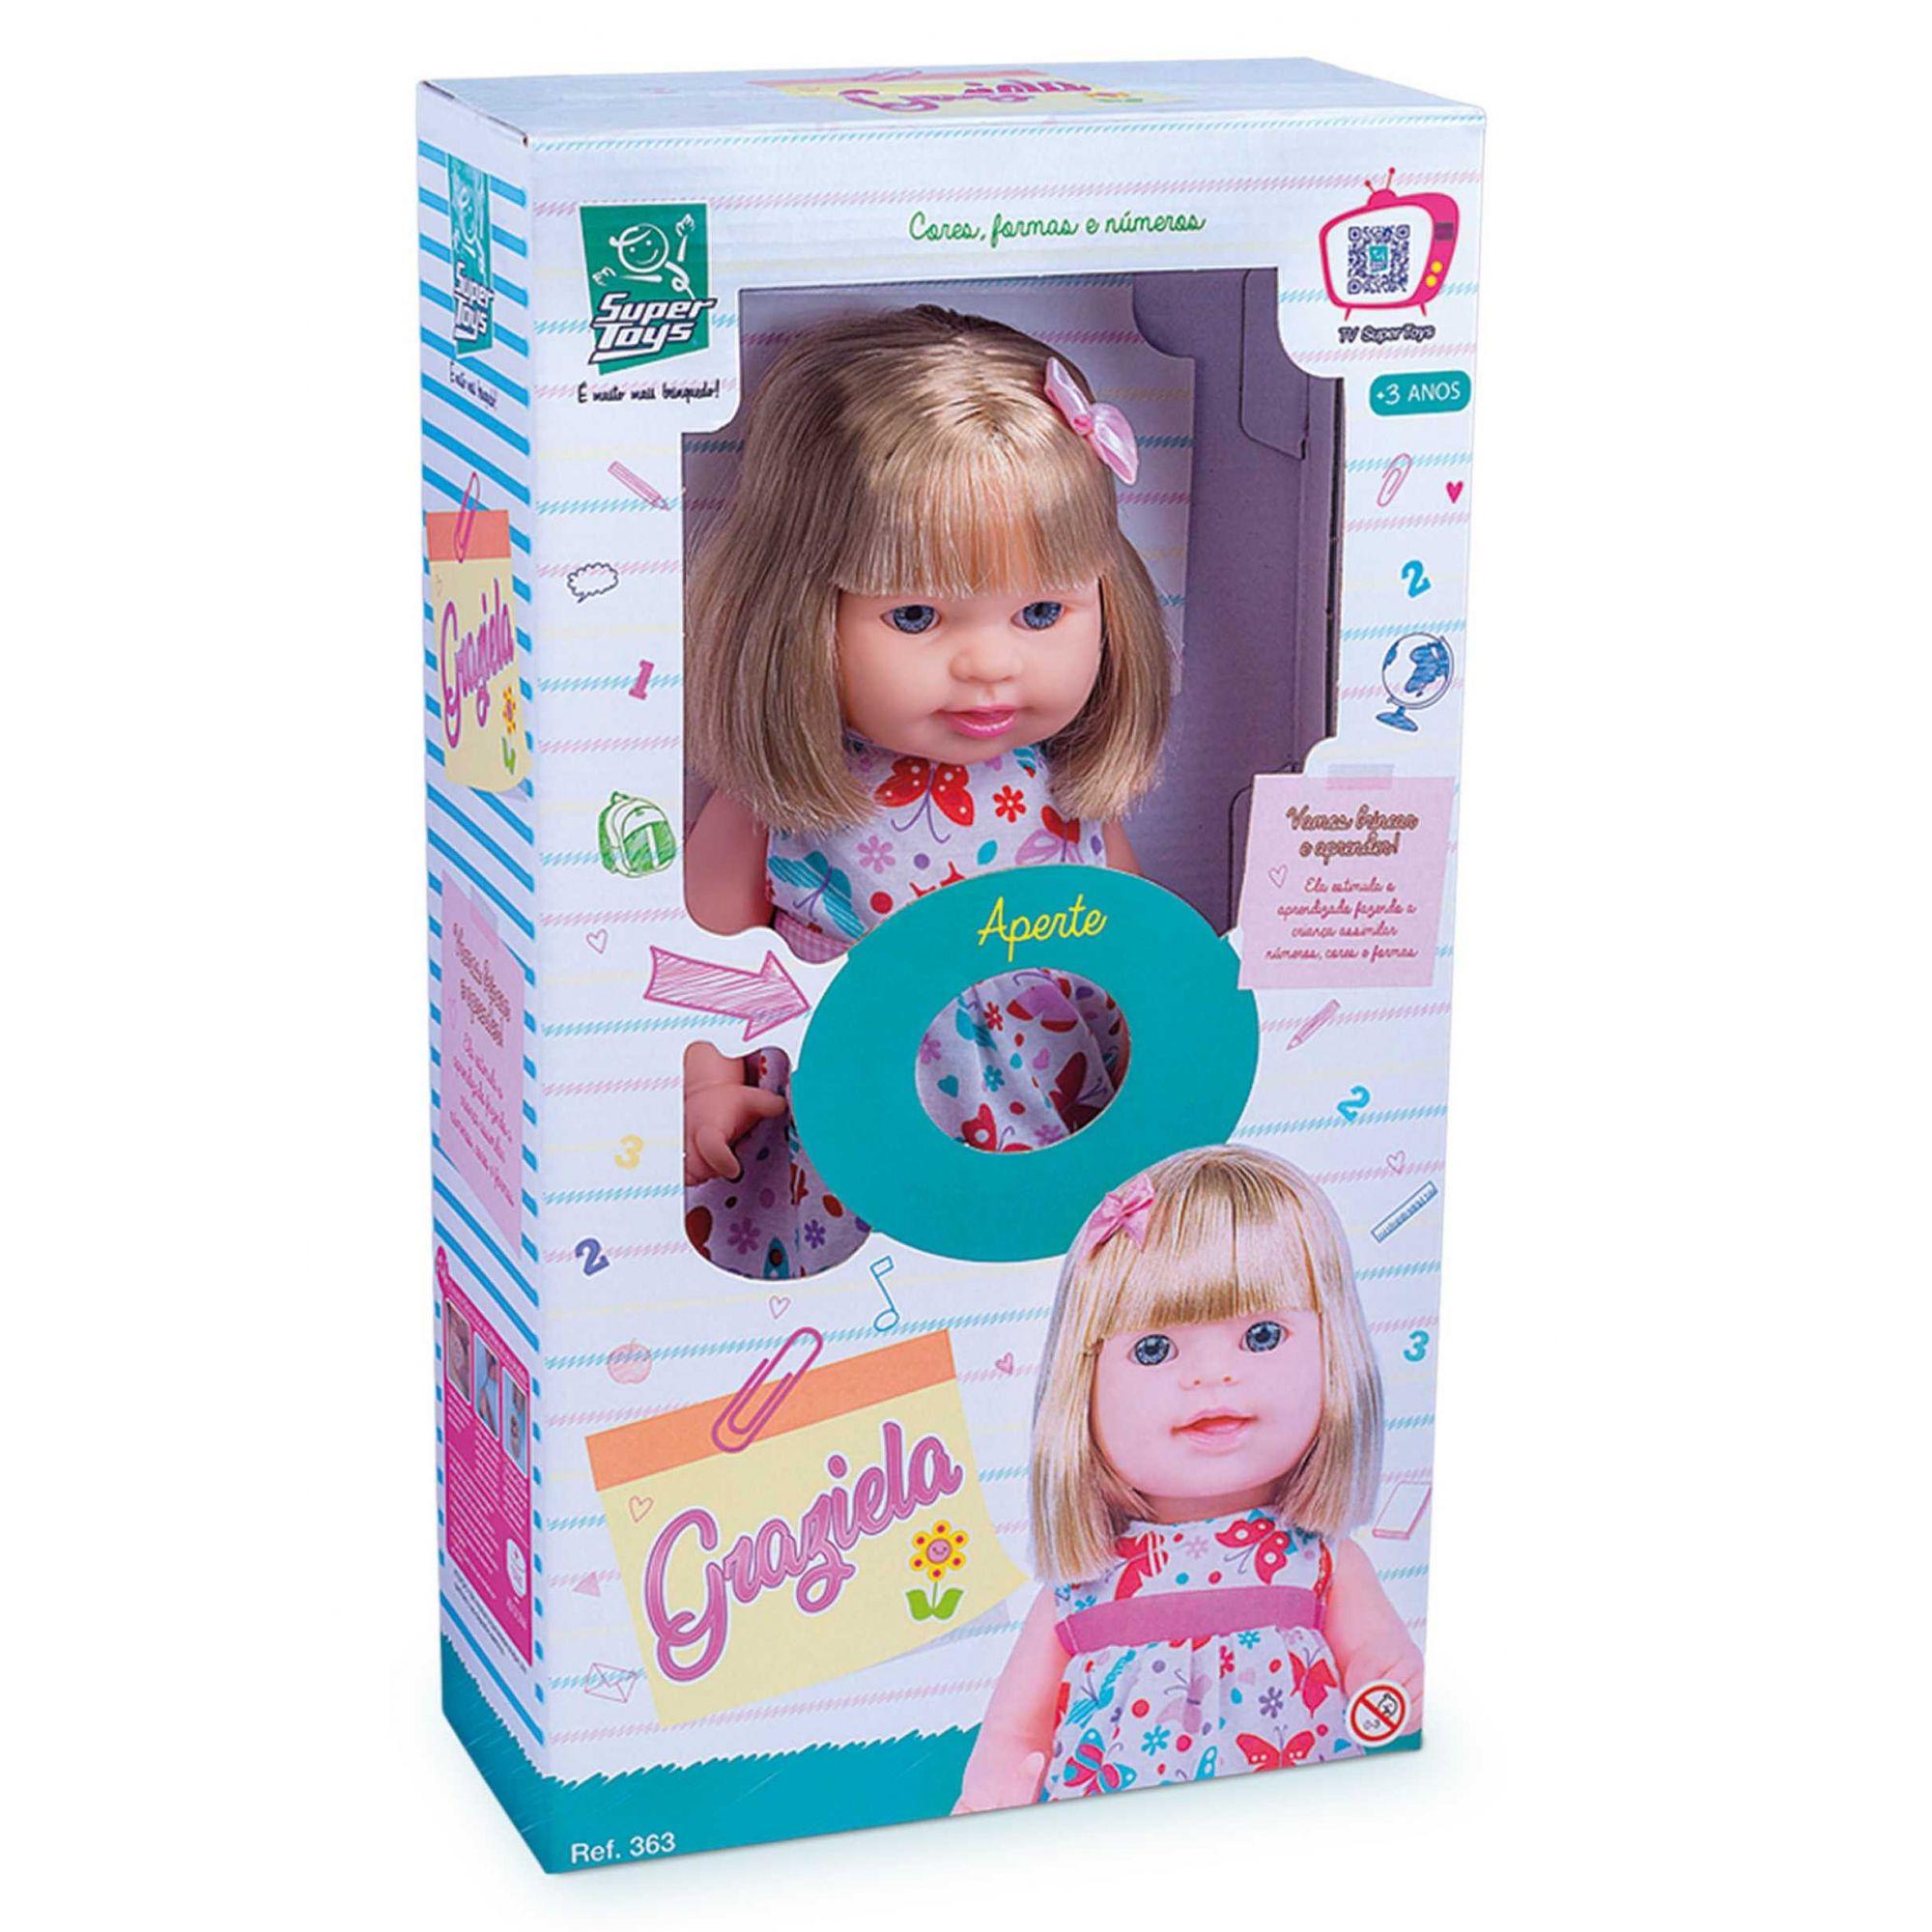 Boneca Graziela Super Toys Ref. 363